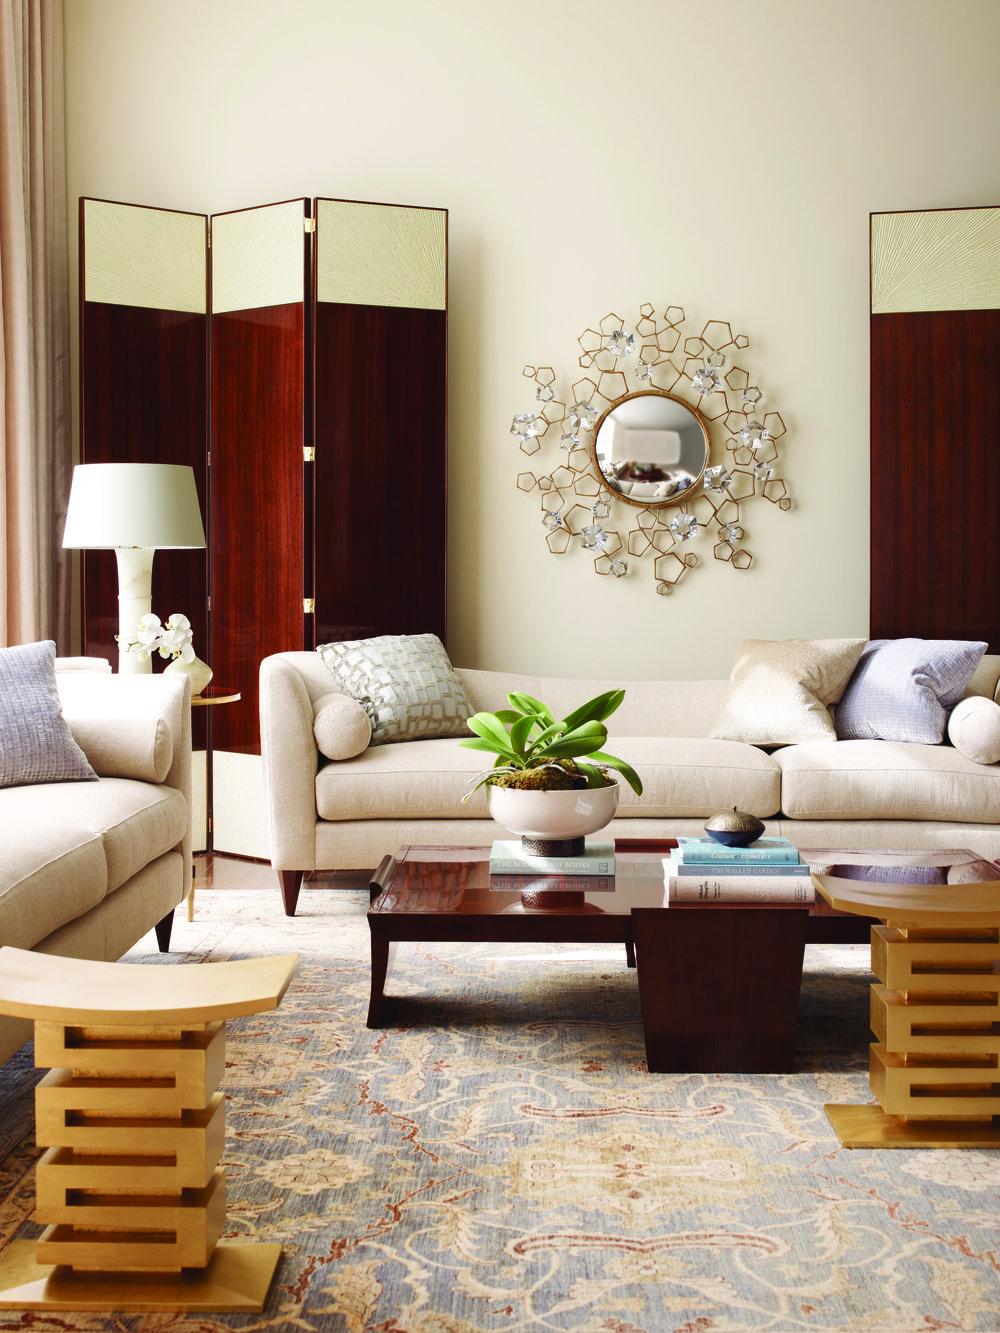 盛開花朵般的裝飾鏡Baker Furniture Blossom Mirror, Price Upon Request At Brougham Interiors, (604) 736-8822 broughaminteriors.com